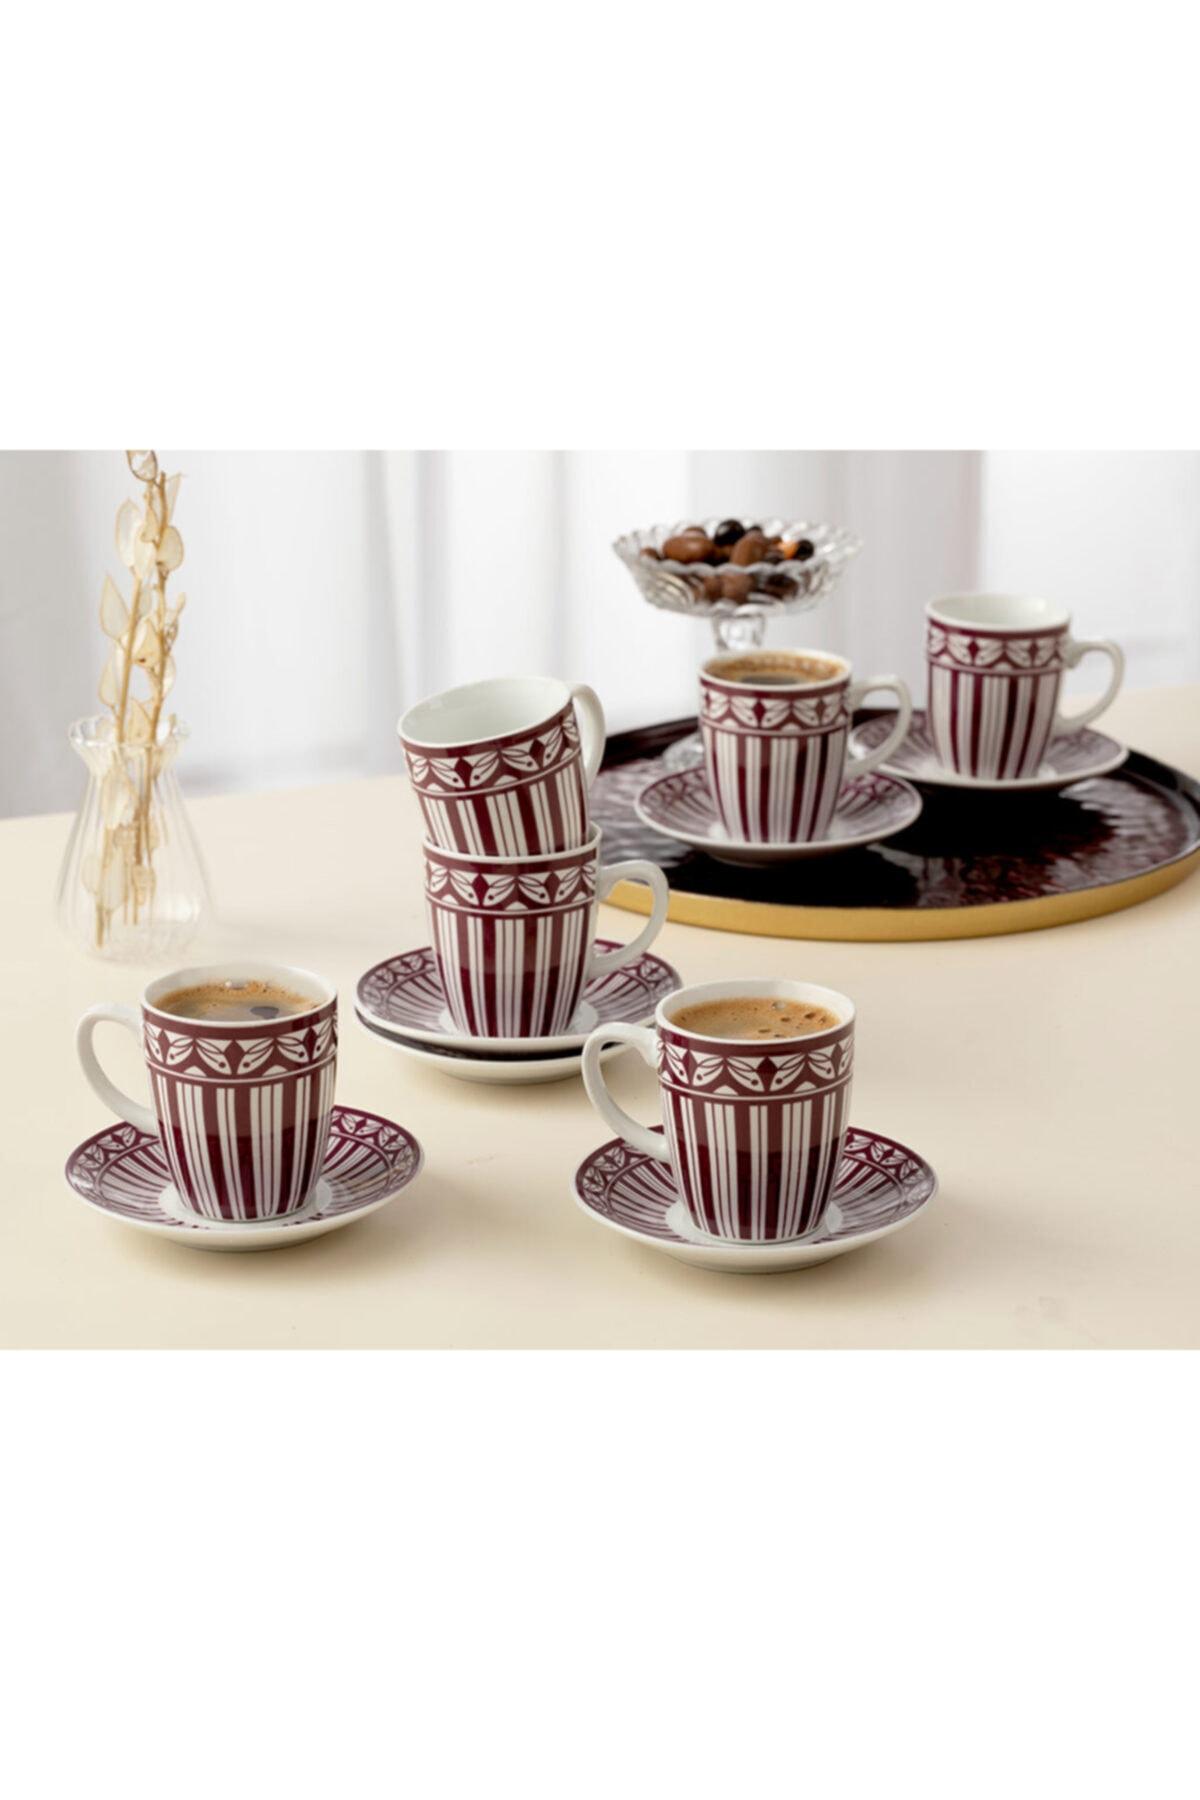 English Home Galio Porselen 12 Parça Kahve Fincan Takımı 100 ml Mor 1